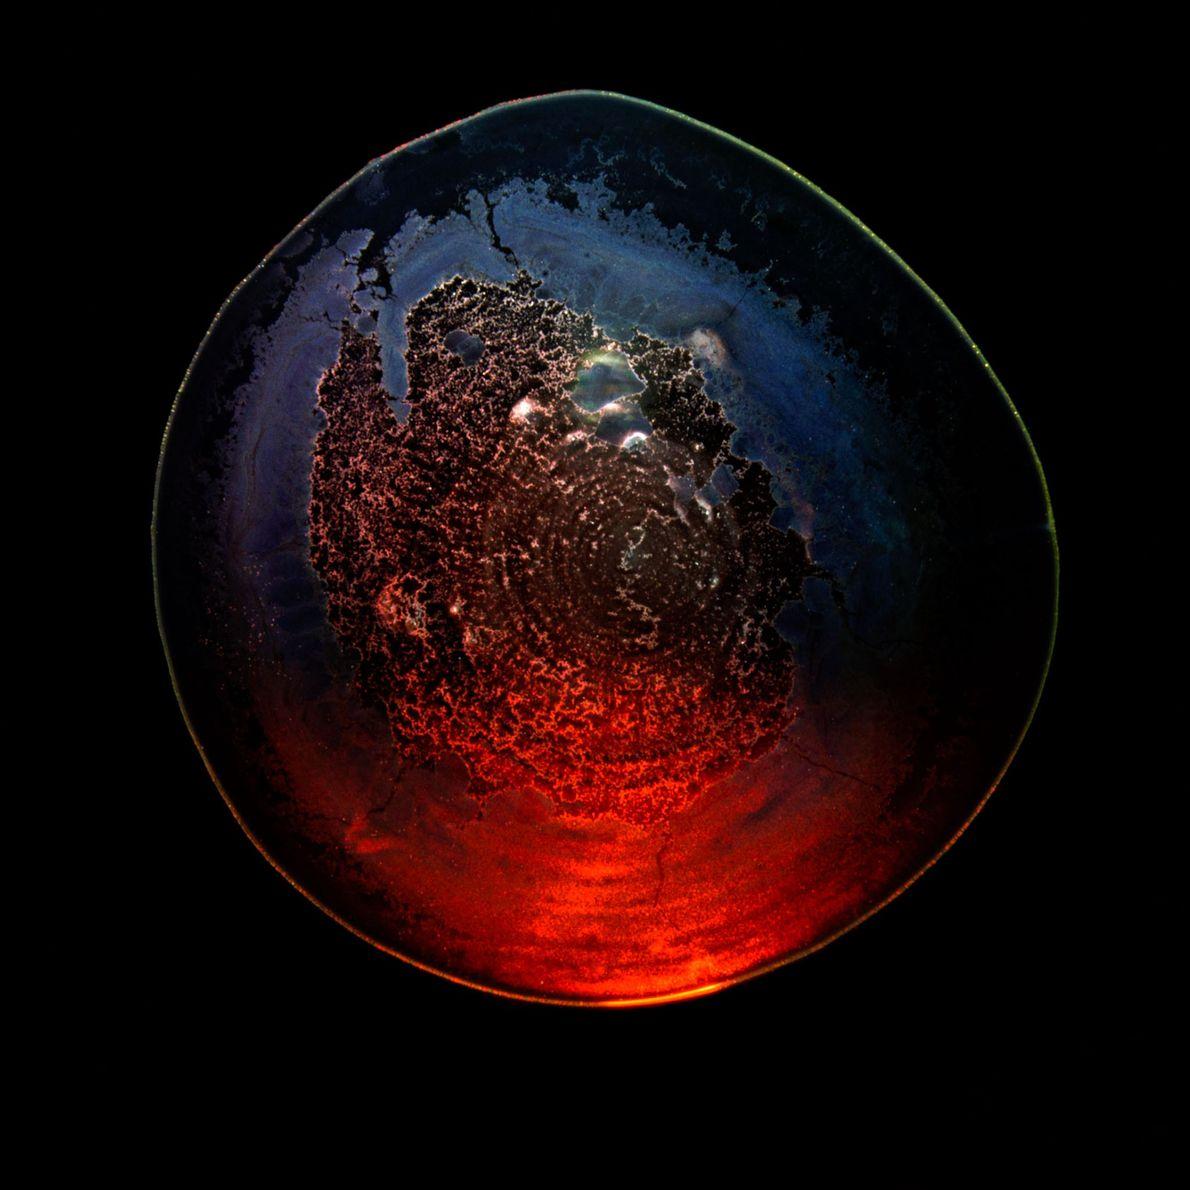 Galáxias de sedimentos em copos de uísque.